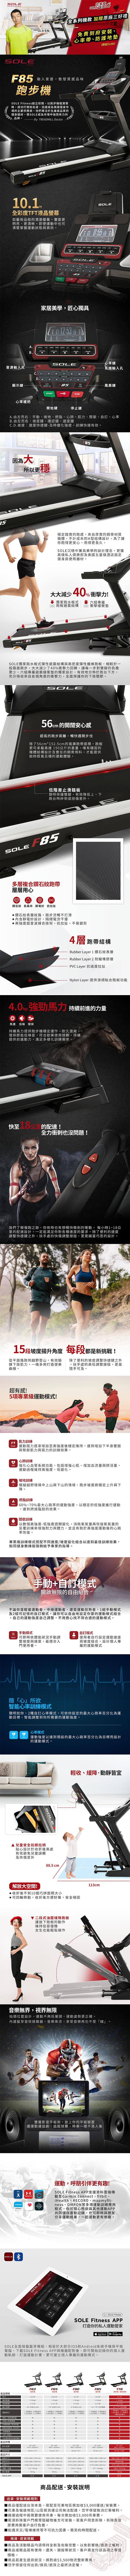 富樂屋,0800298988,岱宇,Shake Weight,搖擺鈴,男生版,啞鈴,搖擺,腹肌,肌耐力,核心肌群,核心運動,運動,運動器材,健身,健身器材,有氧運動,高強度運動,肌肉,六塊肌,八塊肌,岱宇,XTERRA,MBX2500,飛輪競賽車,SOLE (索爾) ,E95S,橢圓機,E95,TT8,E95,F65,F63,E35,CC81,F80,SB900,SR500,E25,F85,LCB,R92,B94,LCR,跑步機,攀岩機,跑步機,飛輪車,划船機,直立健身車,斜躺健身車,專用地墊